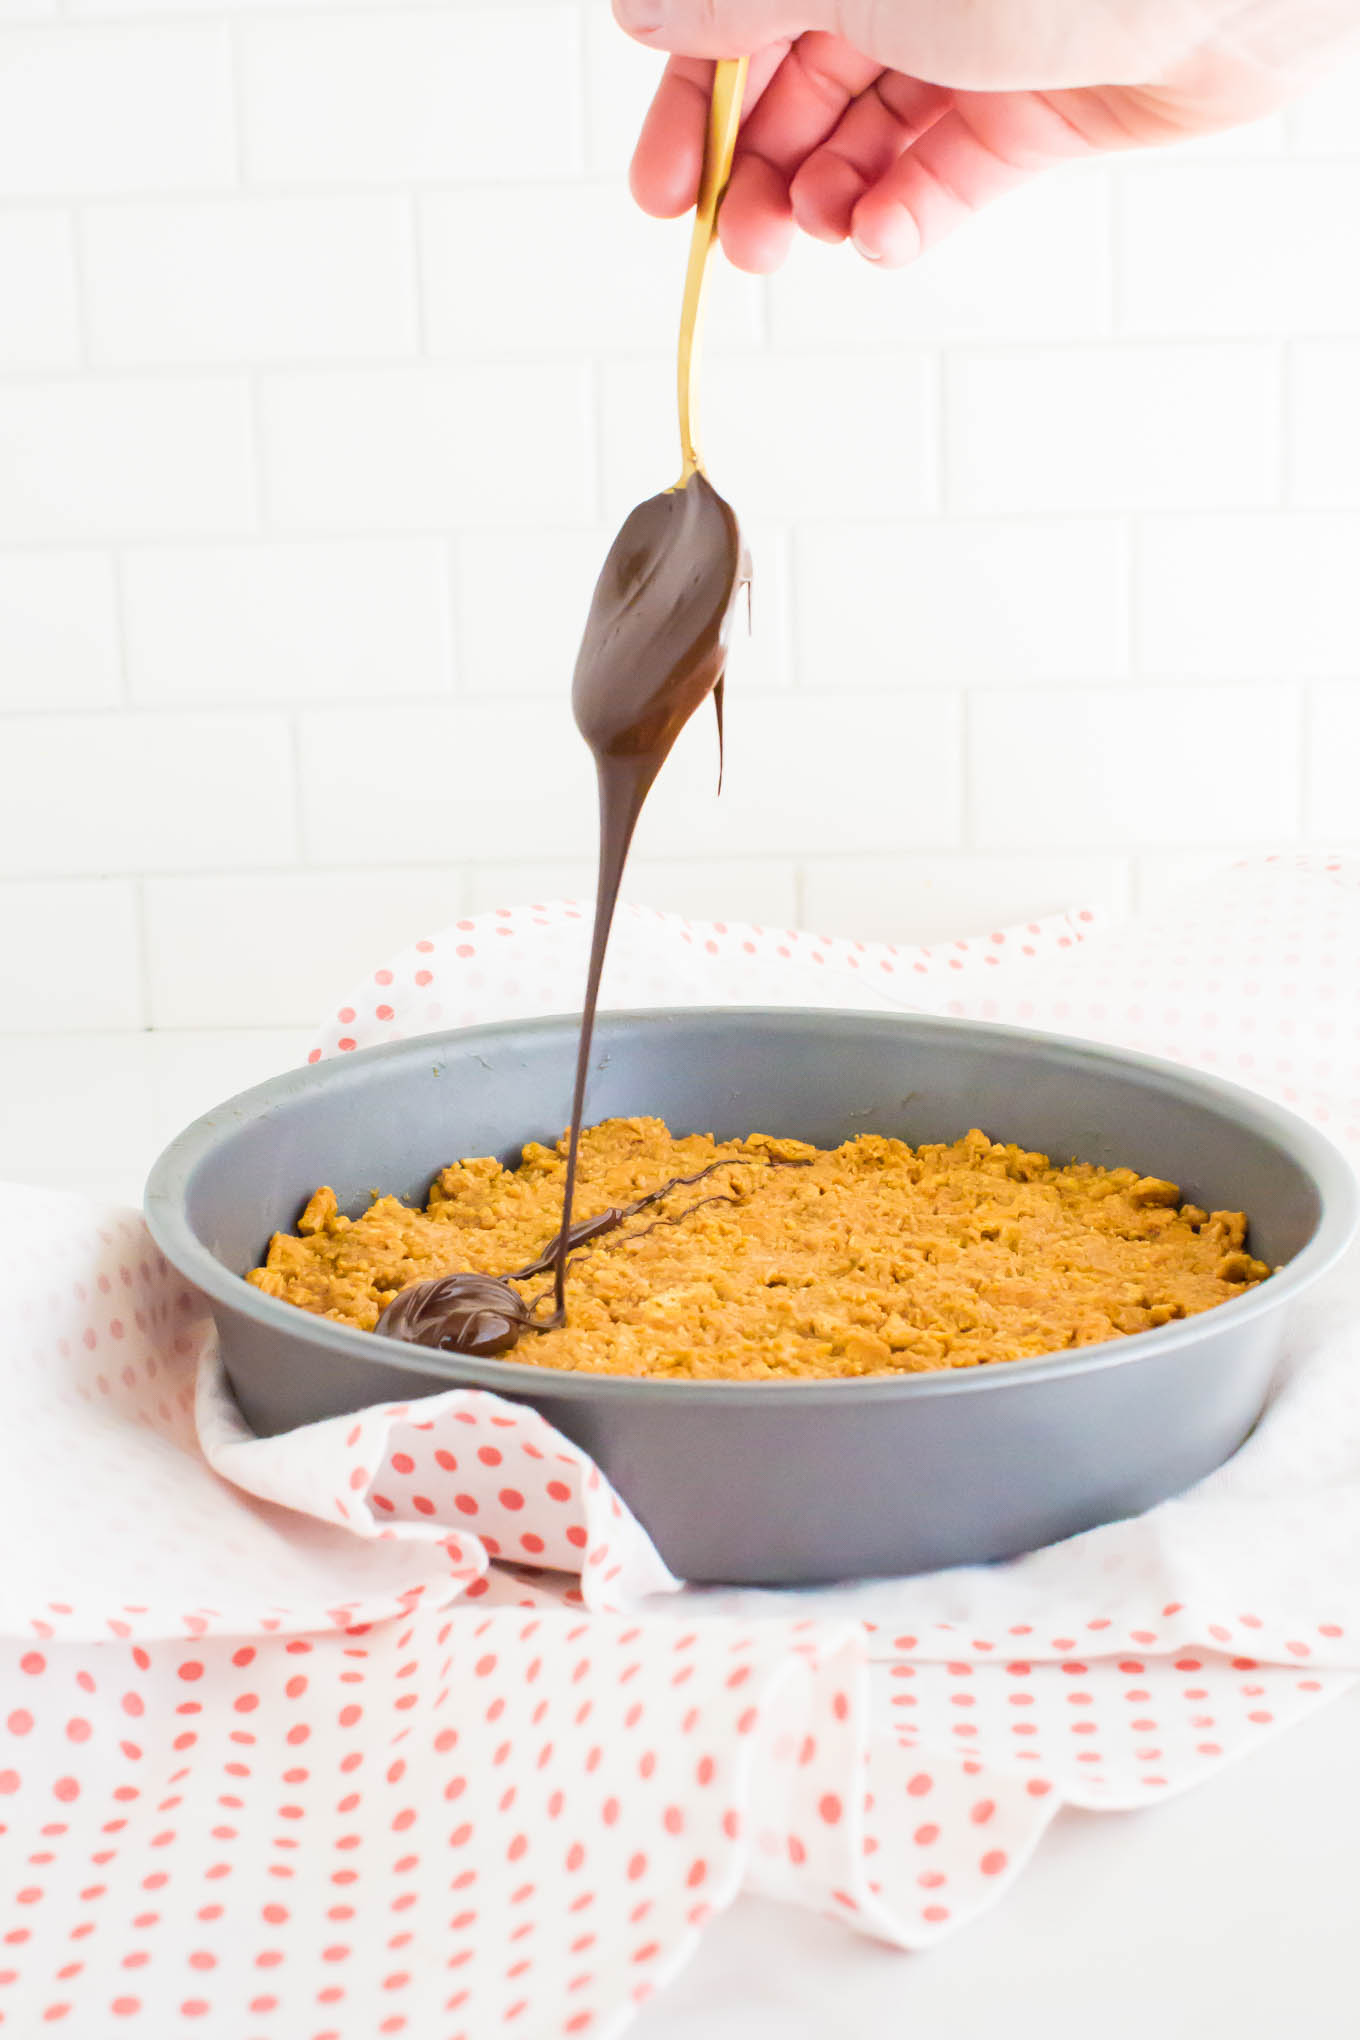 peanut butter graham crunch tart | immaEATthat.com